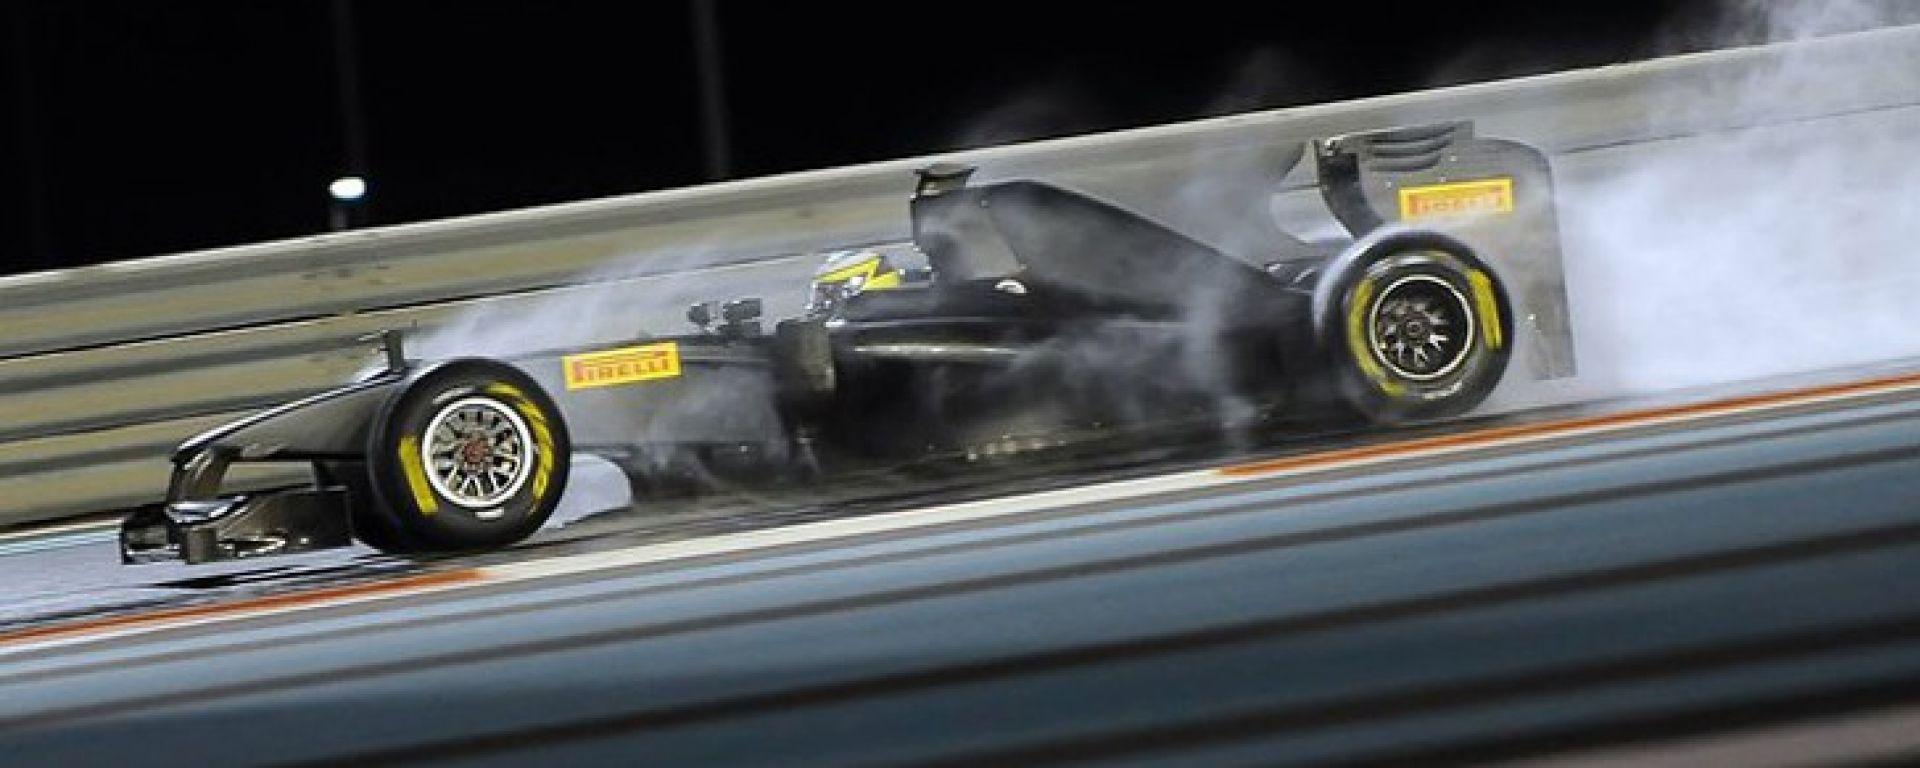 F1 e Pirelli insieme fino al 2019, con nuove mescole